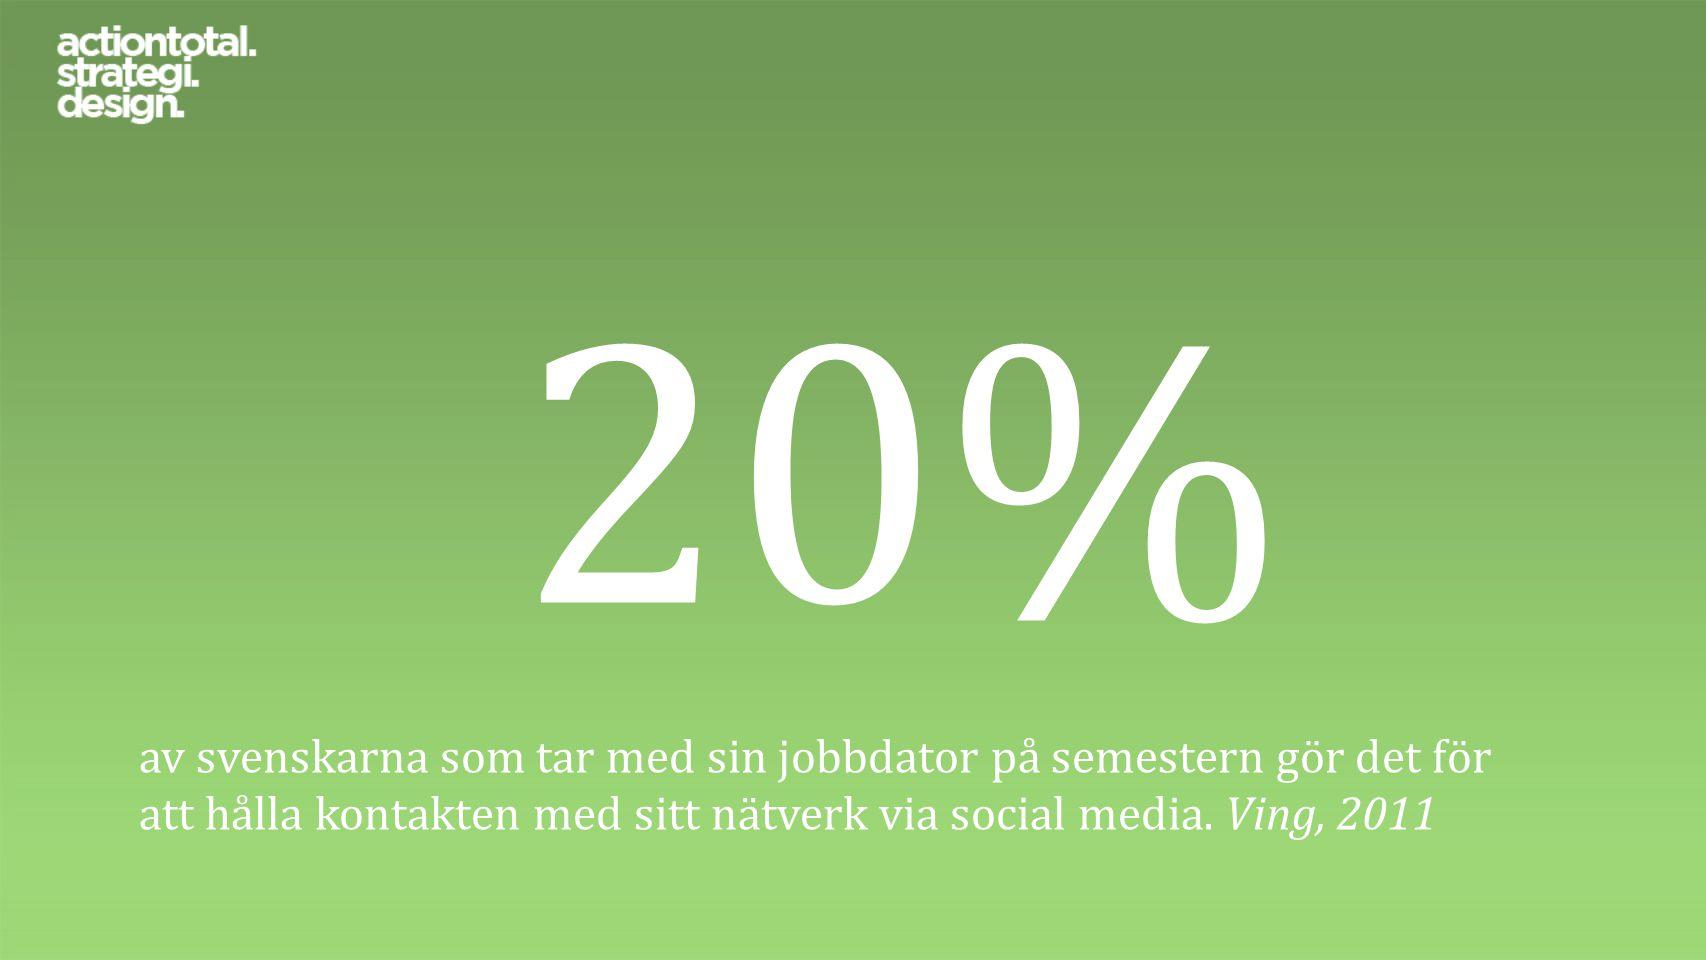 750 000 check-ins görs av svenskar på Facebook varje vecka. 2011